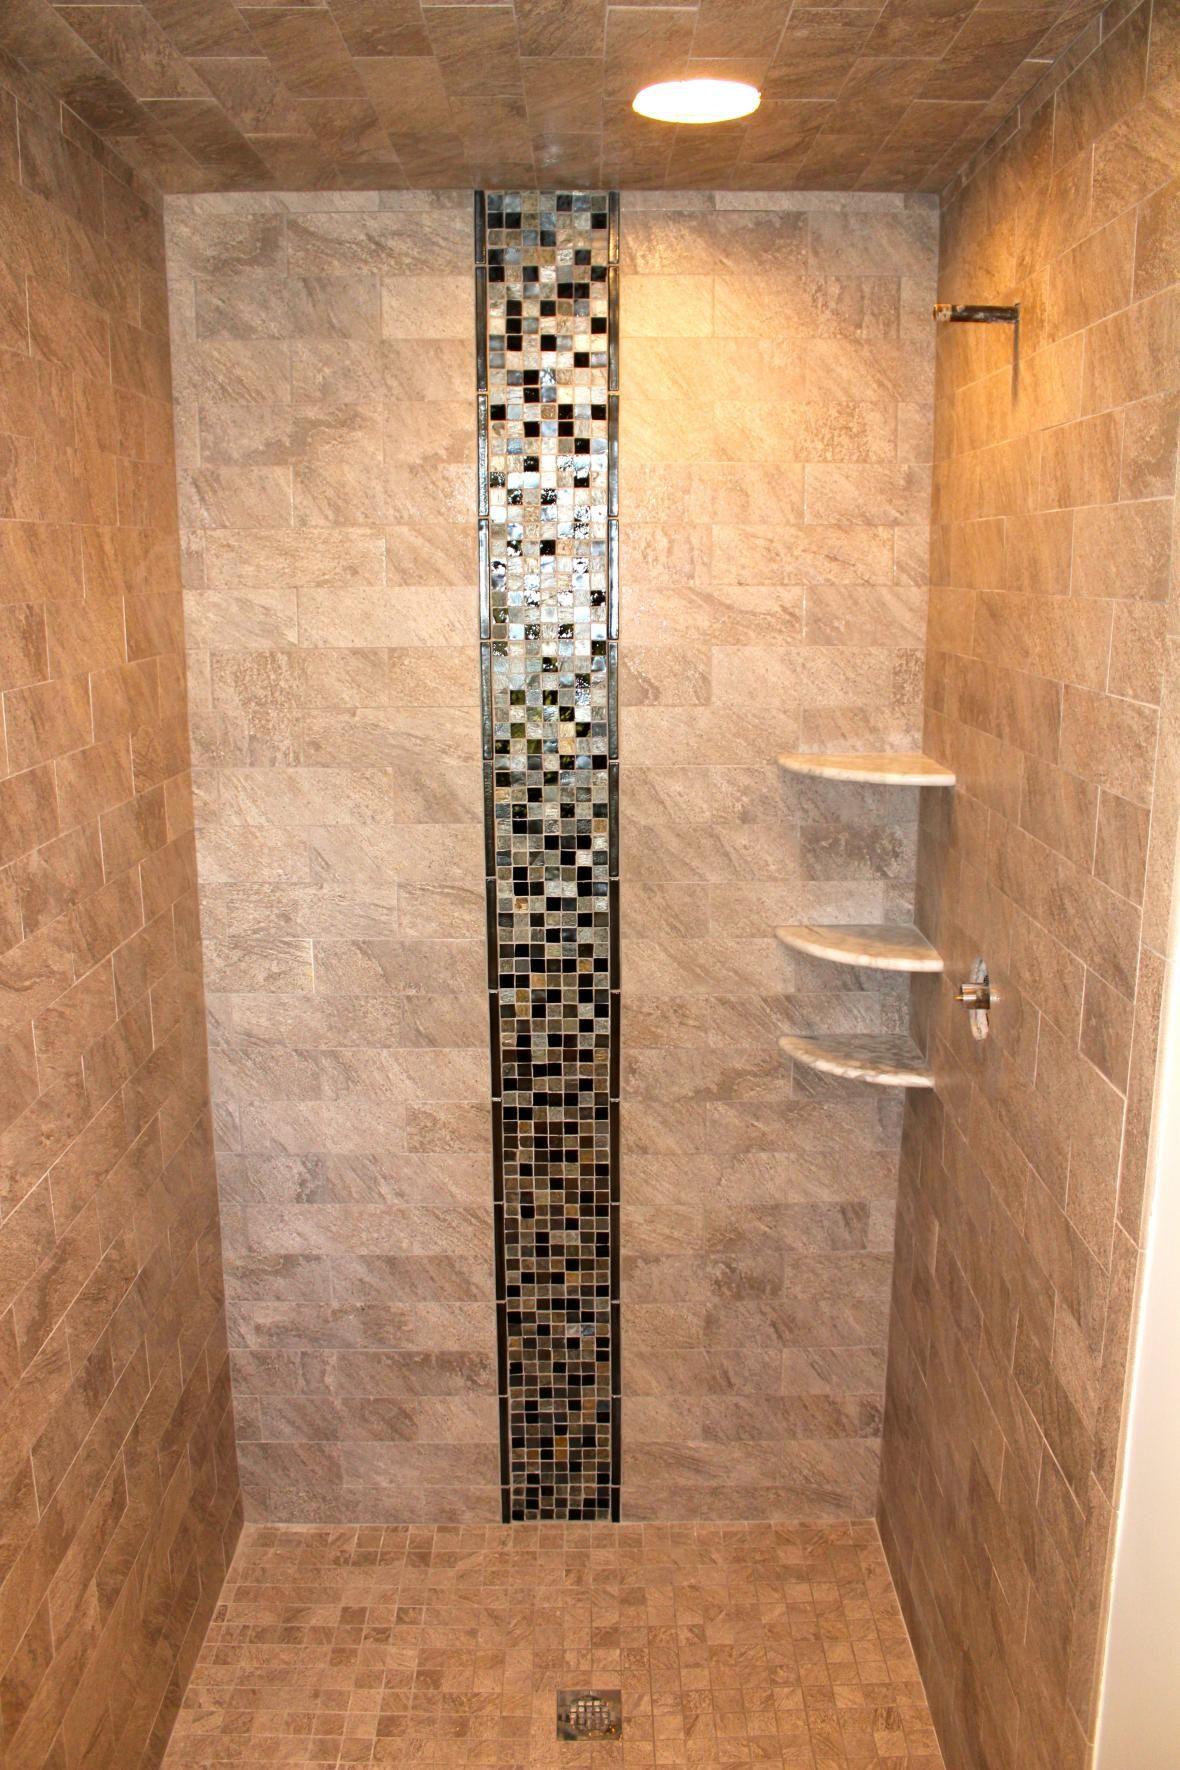 Bathroom Ideas Shower Enclosure Tile Accent Tile And Shelves